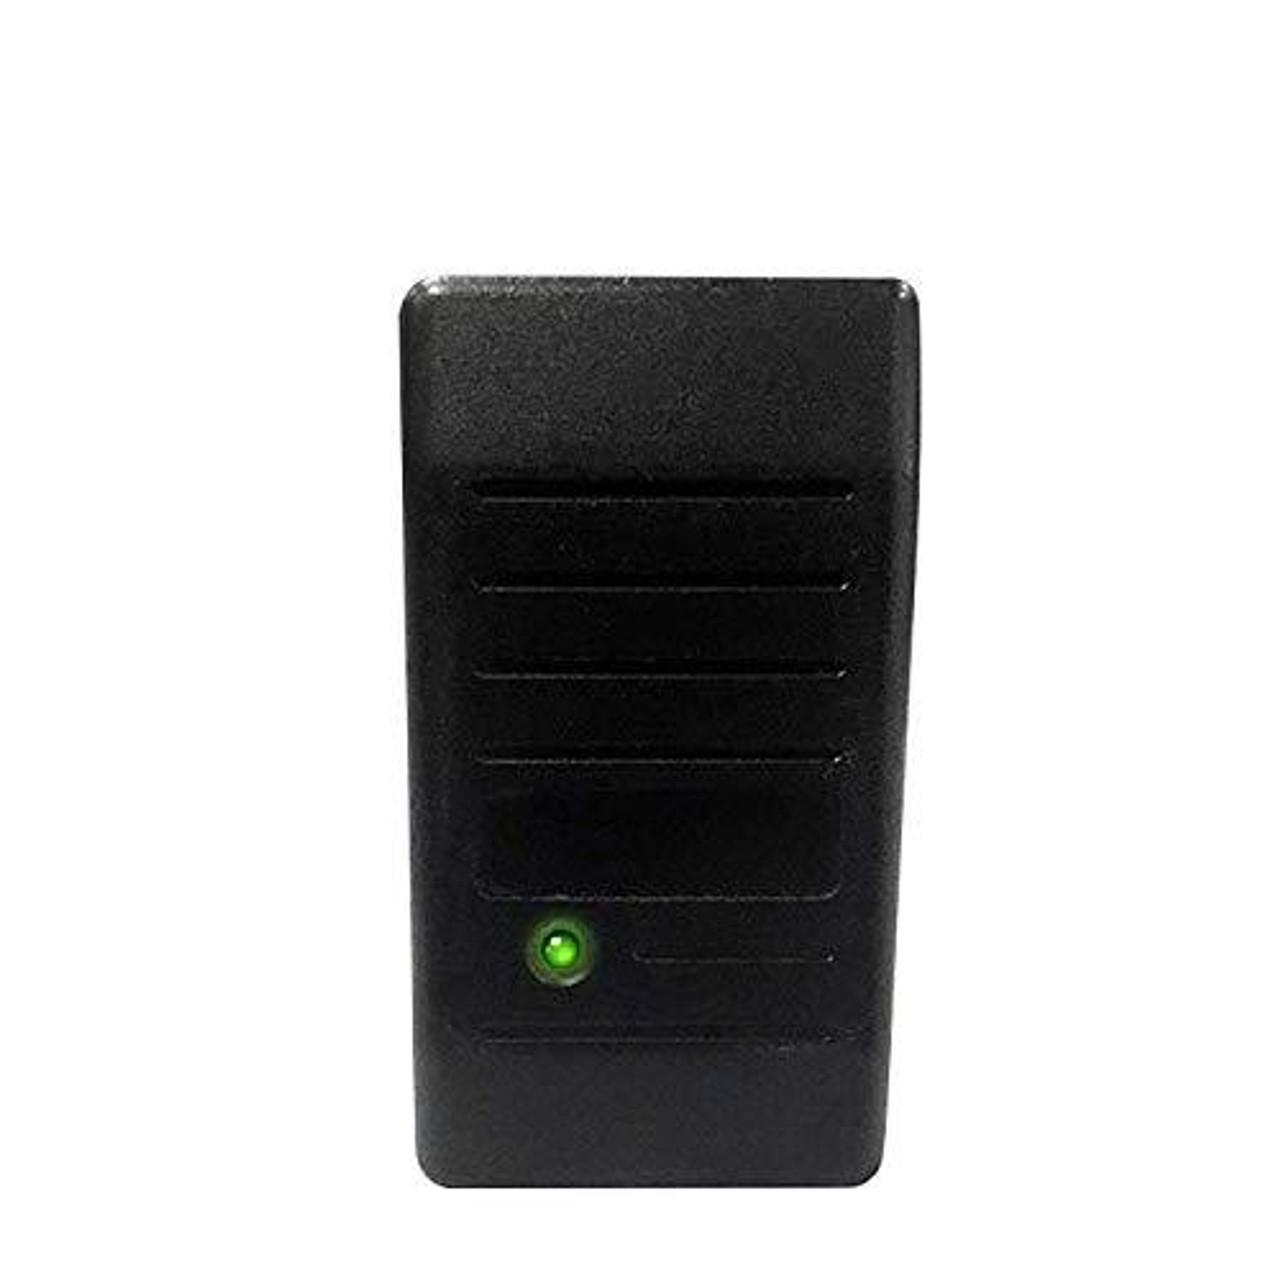 RFID Reader for Mobilemule™ Mobile DVR Series